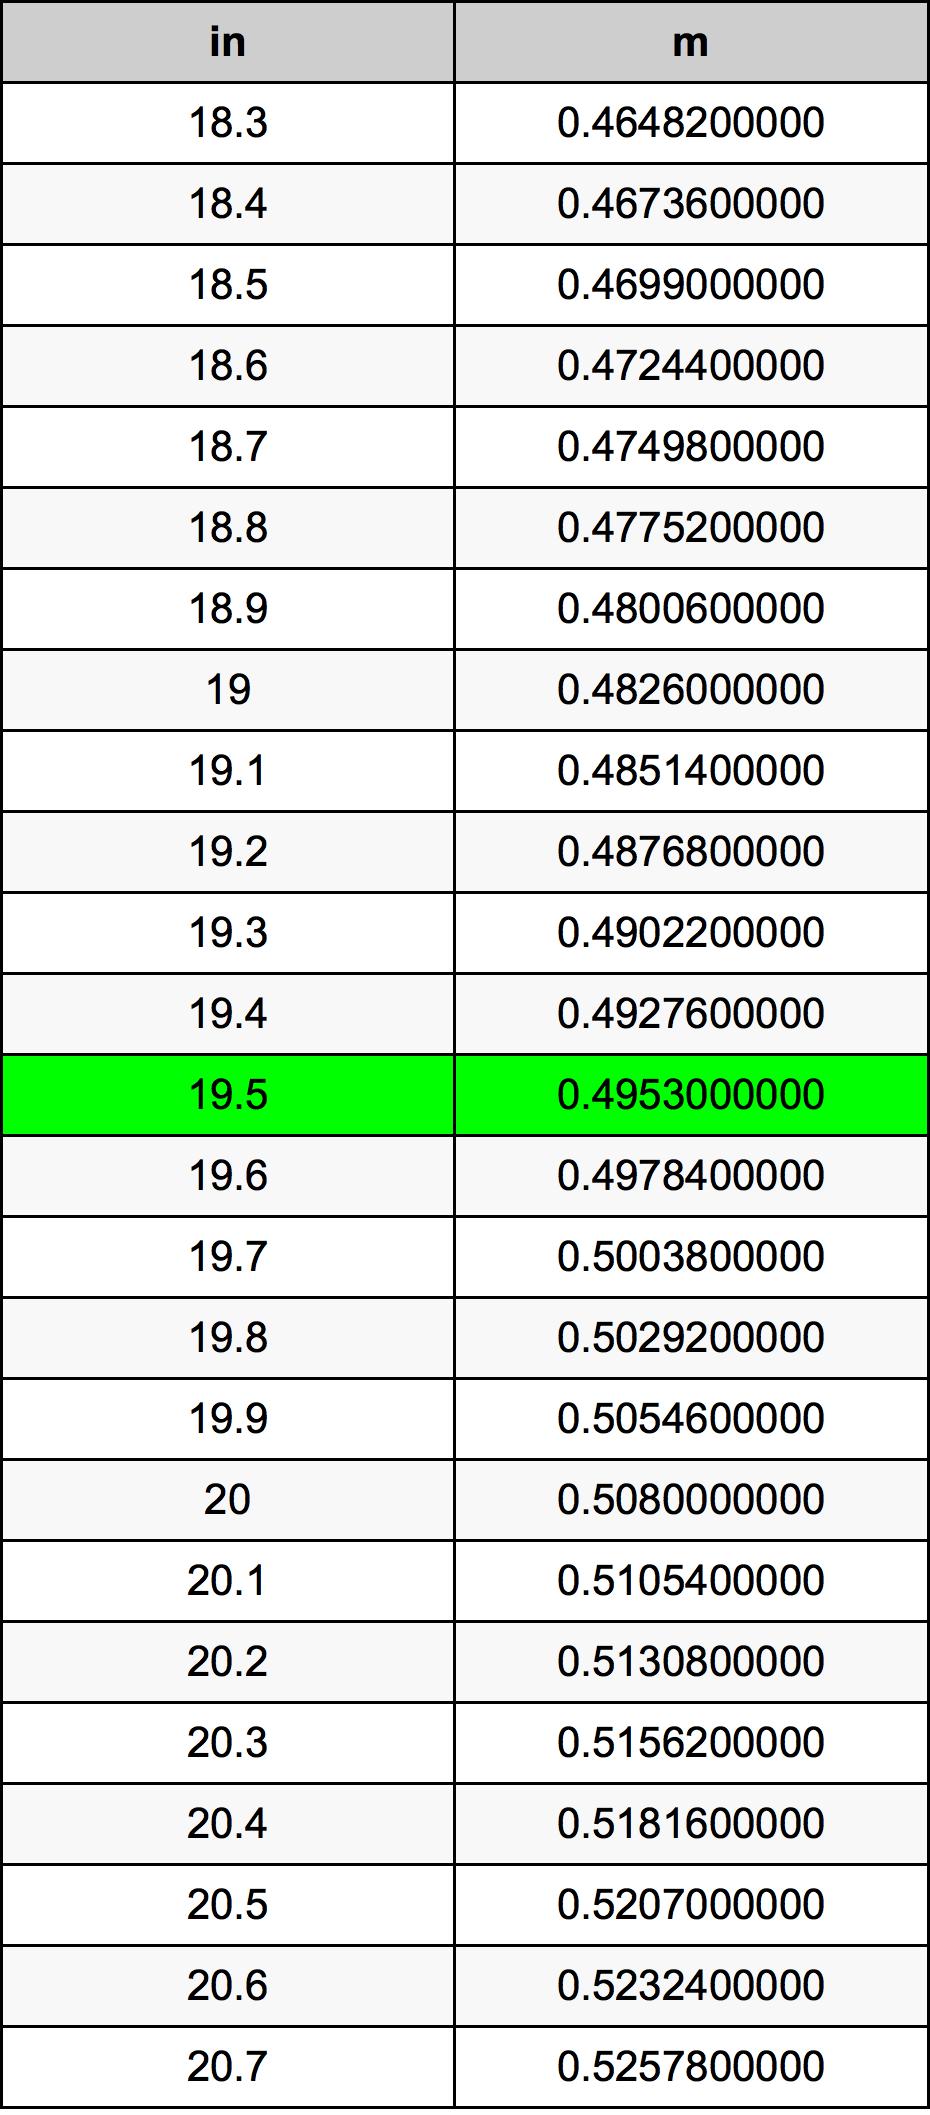 19.5 Polegada tabela de conversão